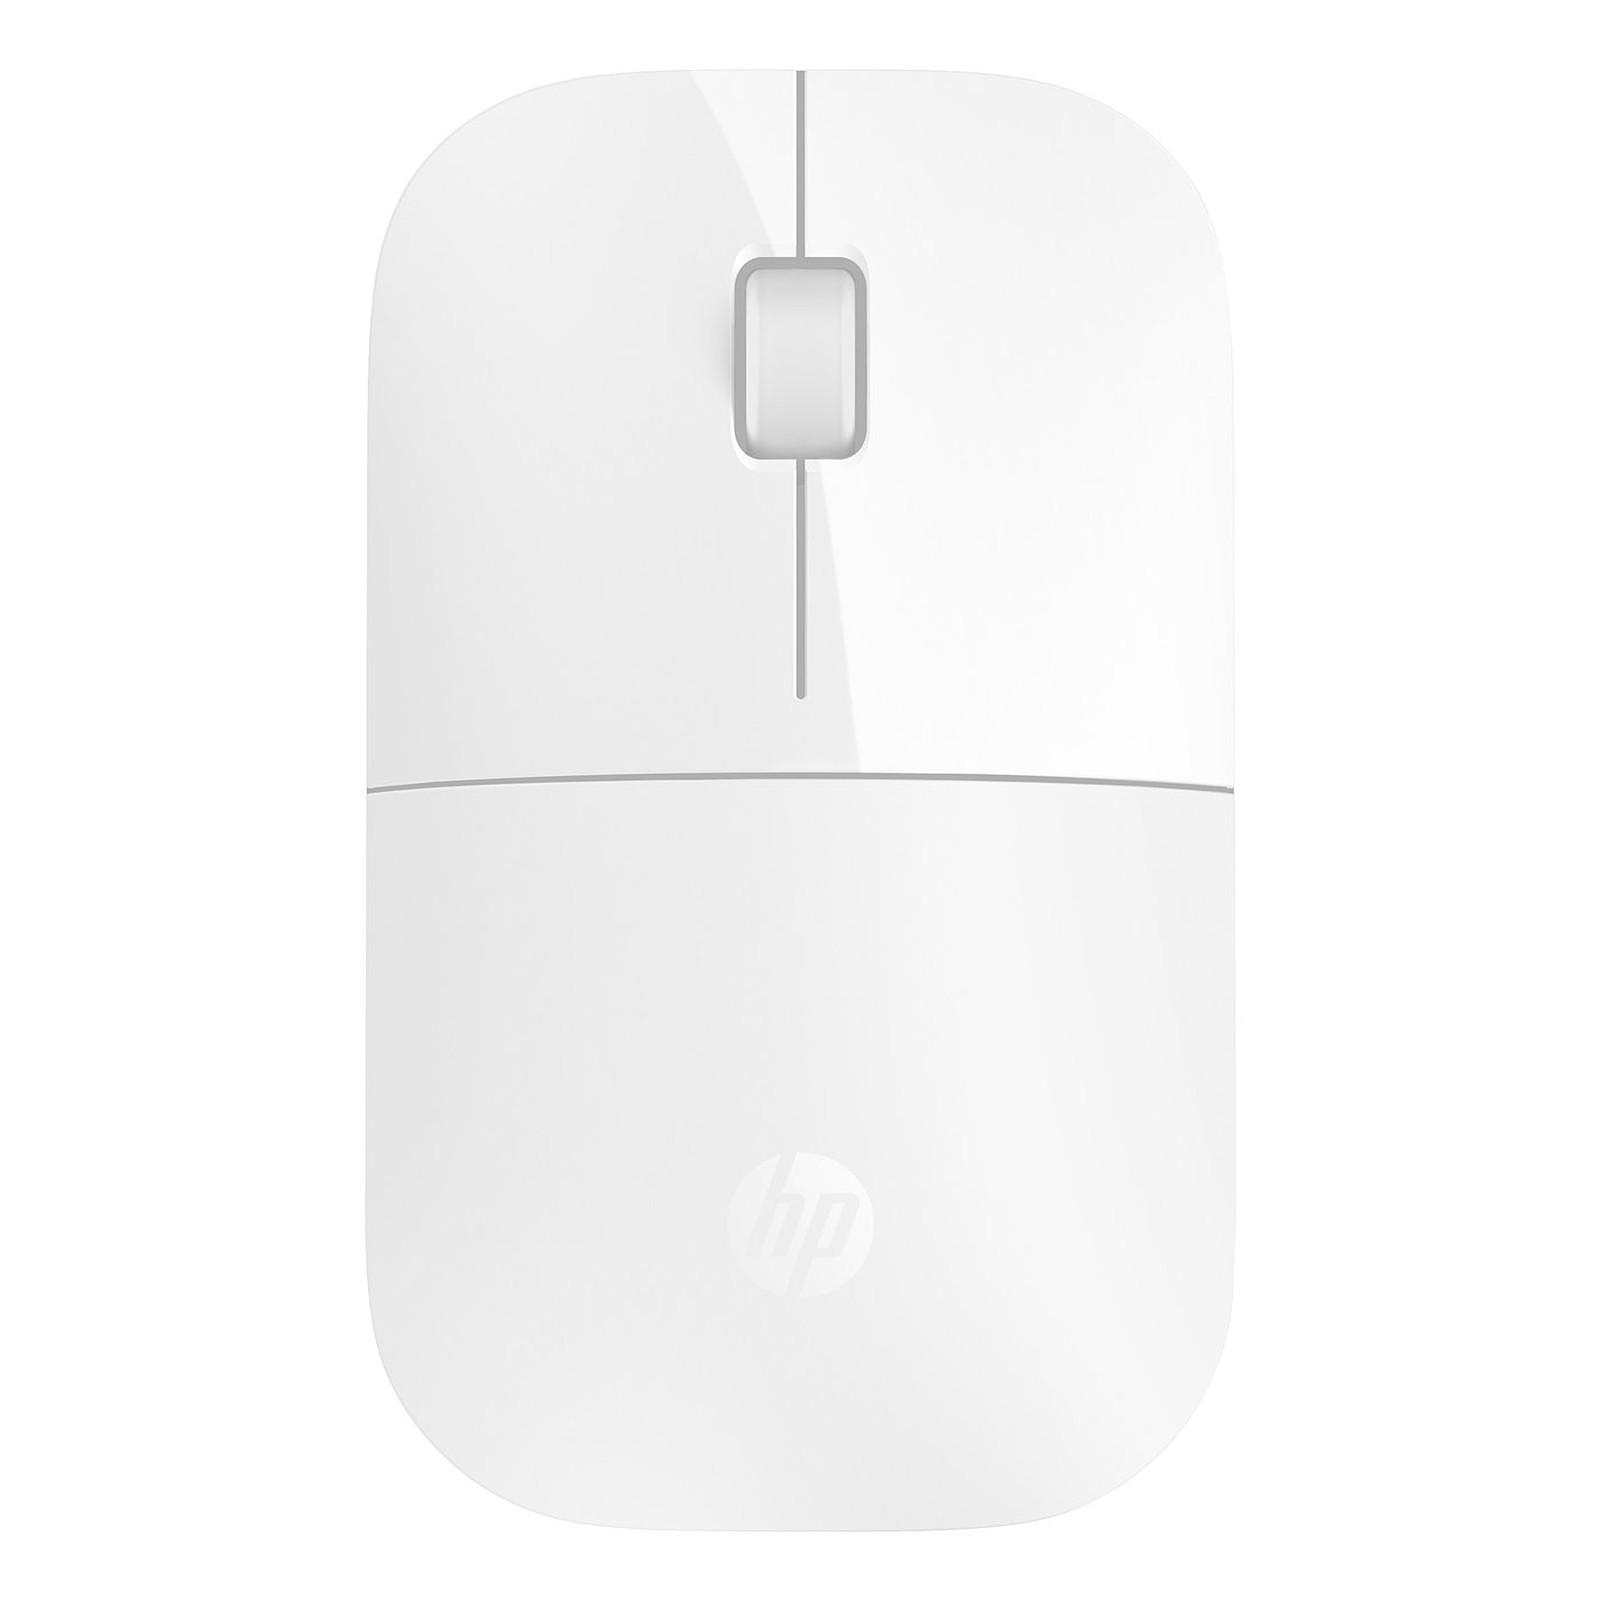 HP Z3700 Blanc